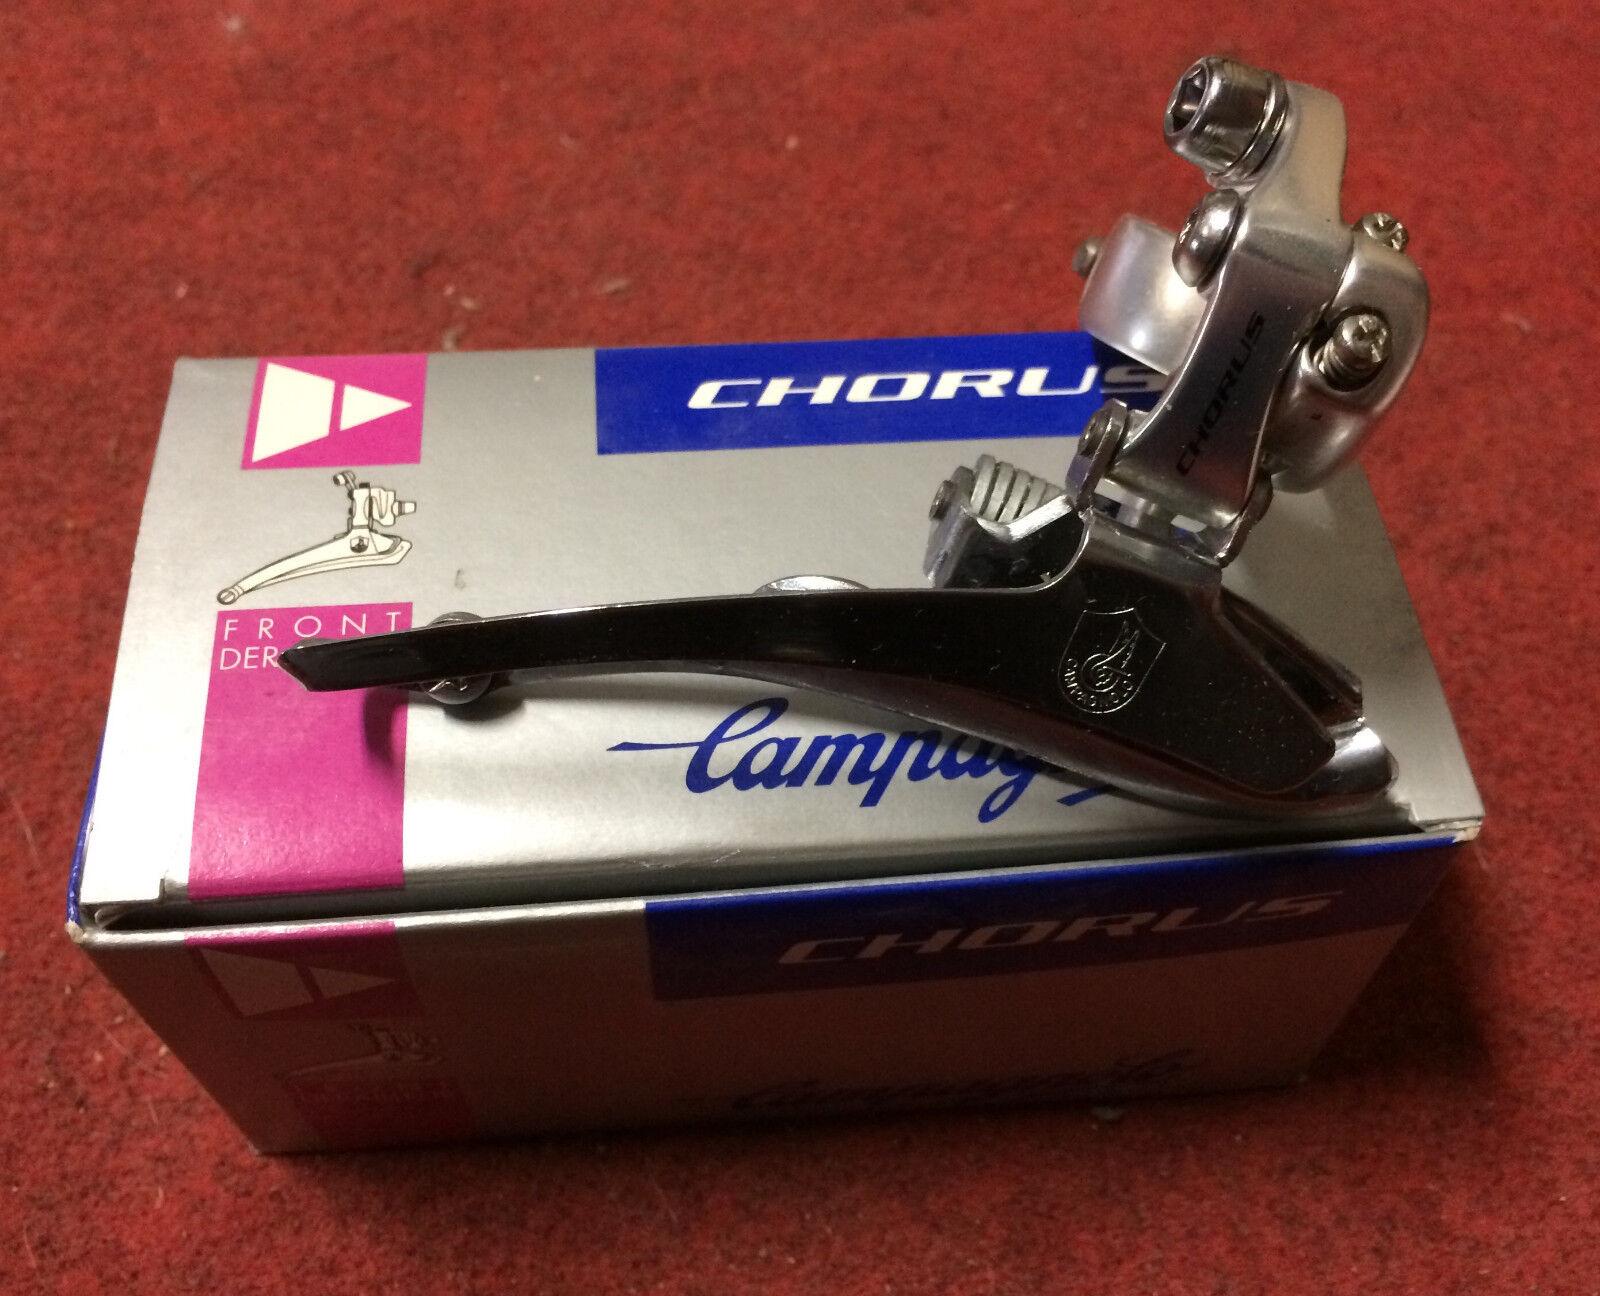 Desviador anterior Campagnolo Cgold 9s 28.6mm presilla on bike delantero